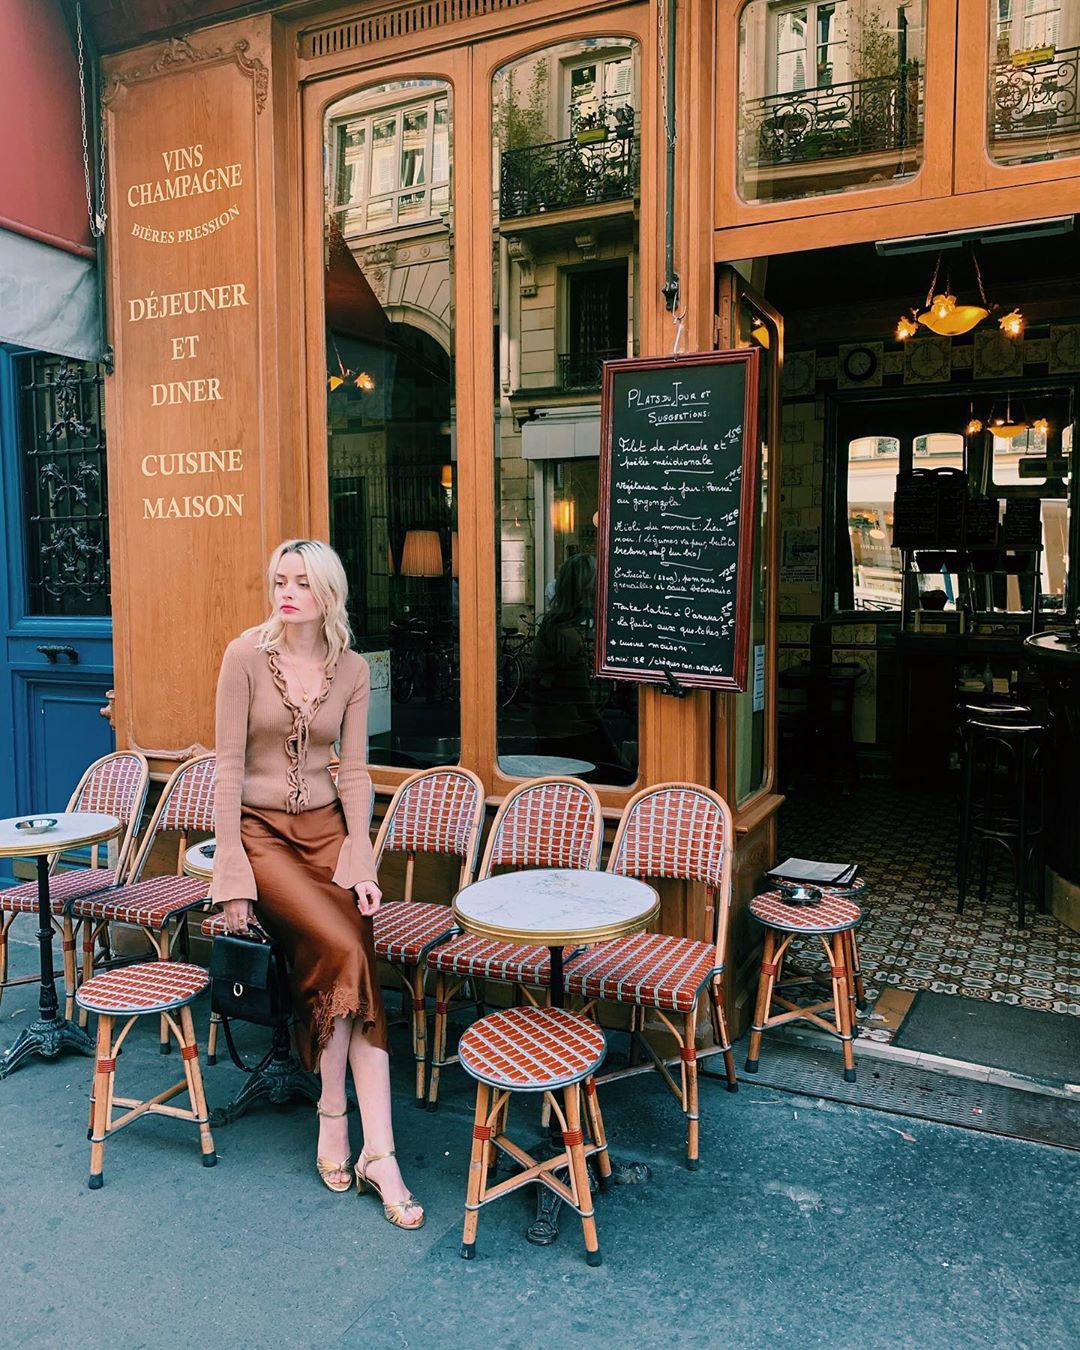 Không thể kìm lòng trước 5 cách diện áo len đẹp xỉu của phụ nữ Pháp, bạn sẽ muốn áp dụng bằng hết mới được - Ảnh 12